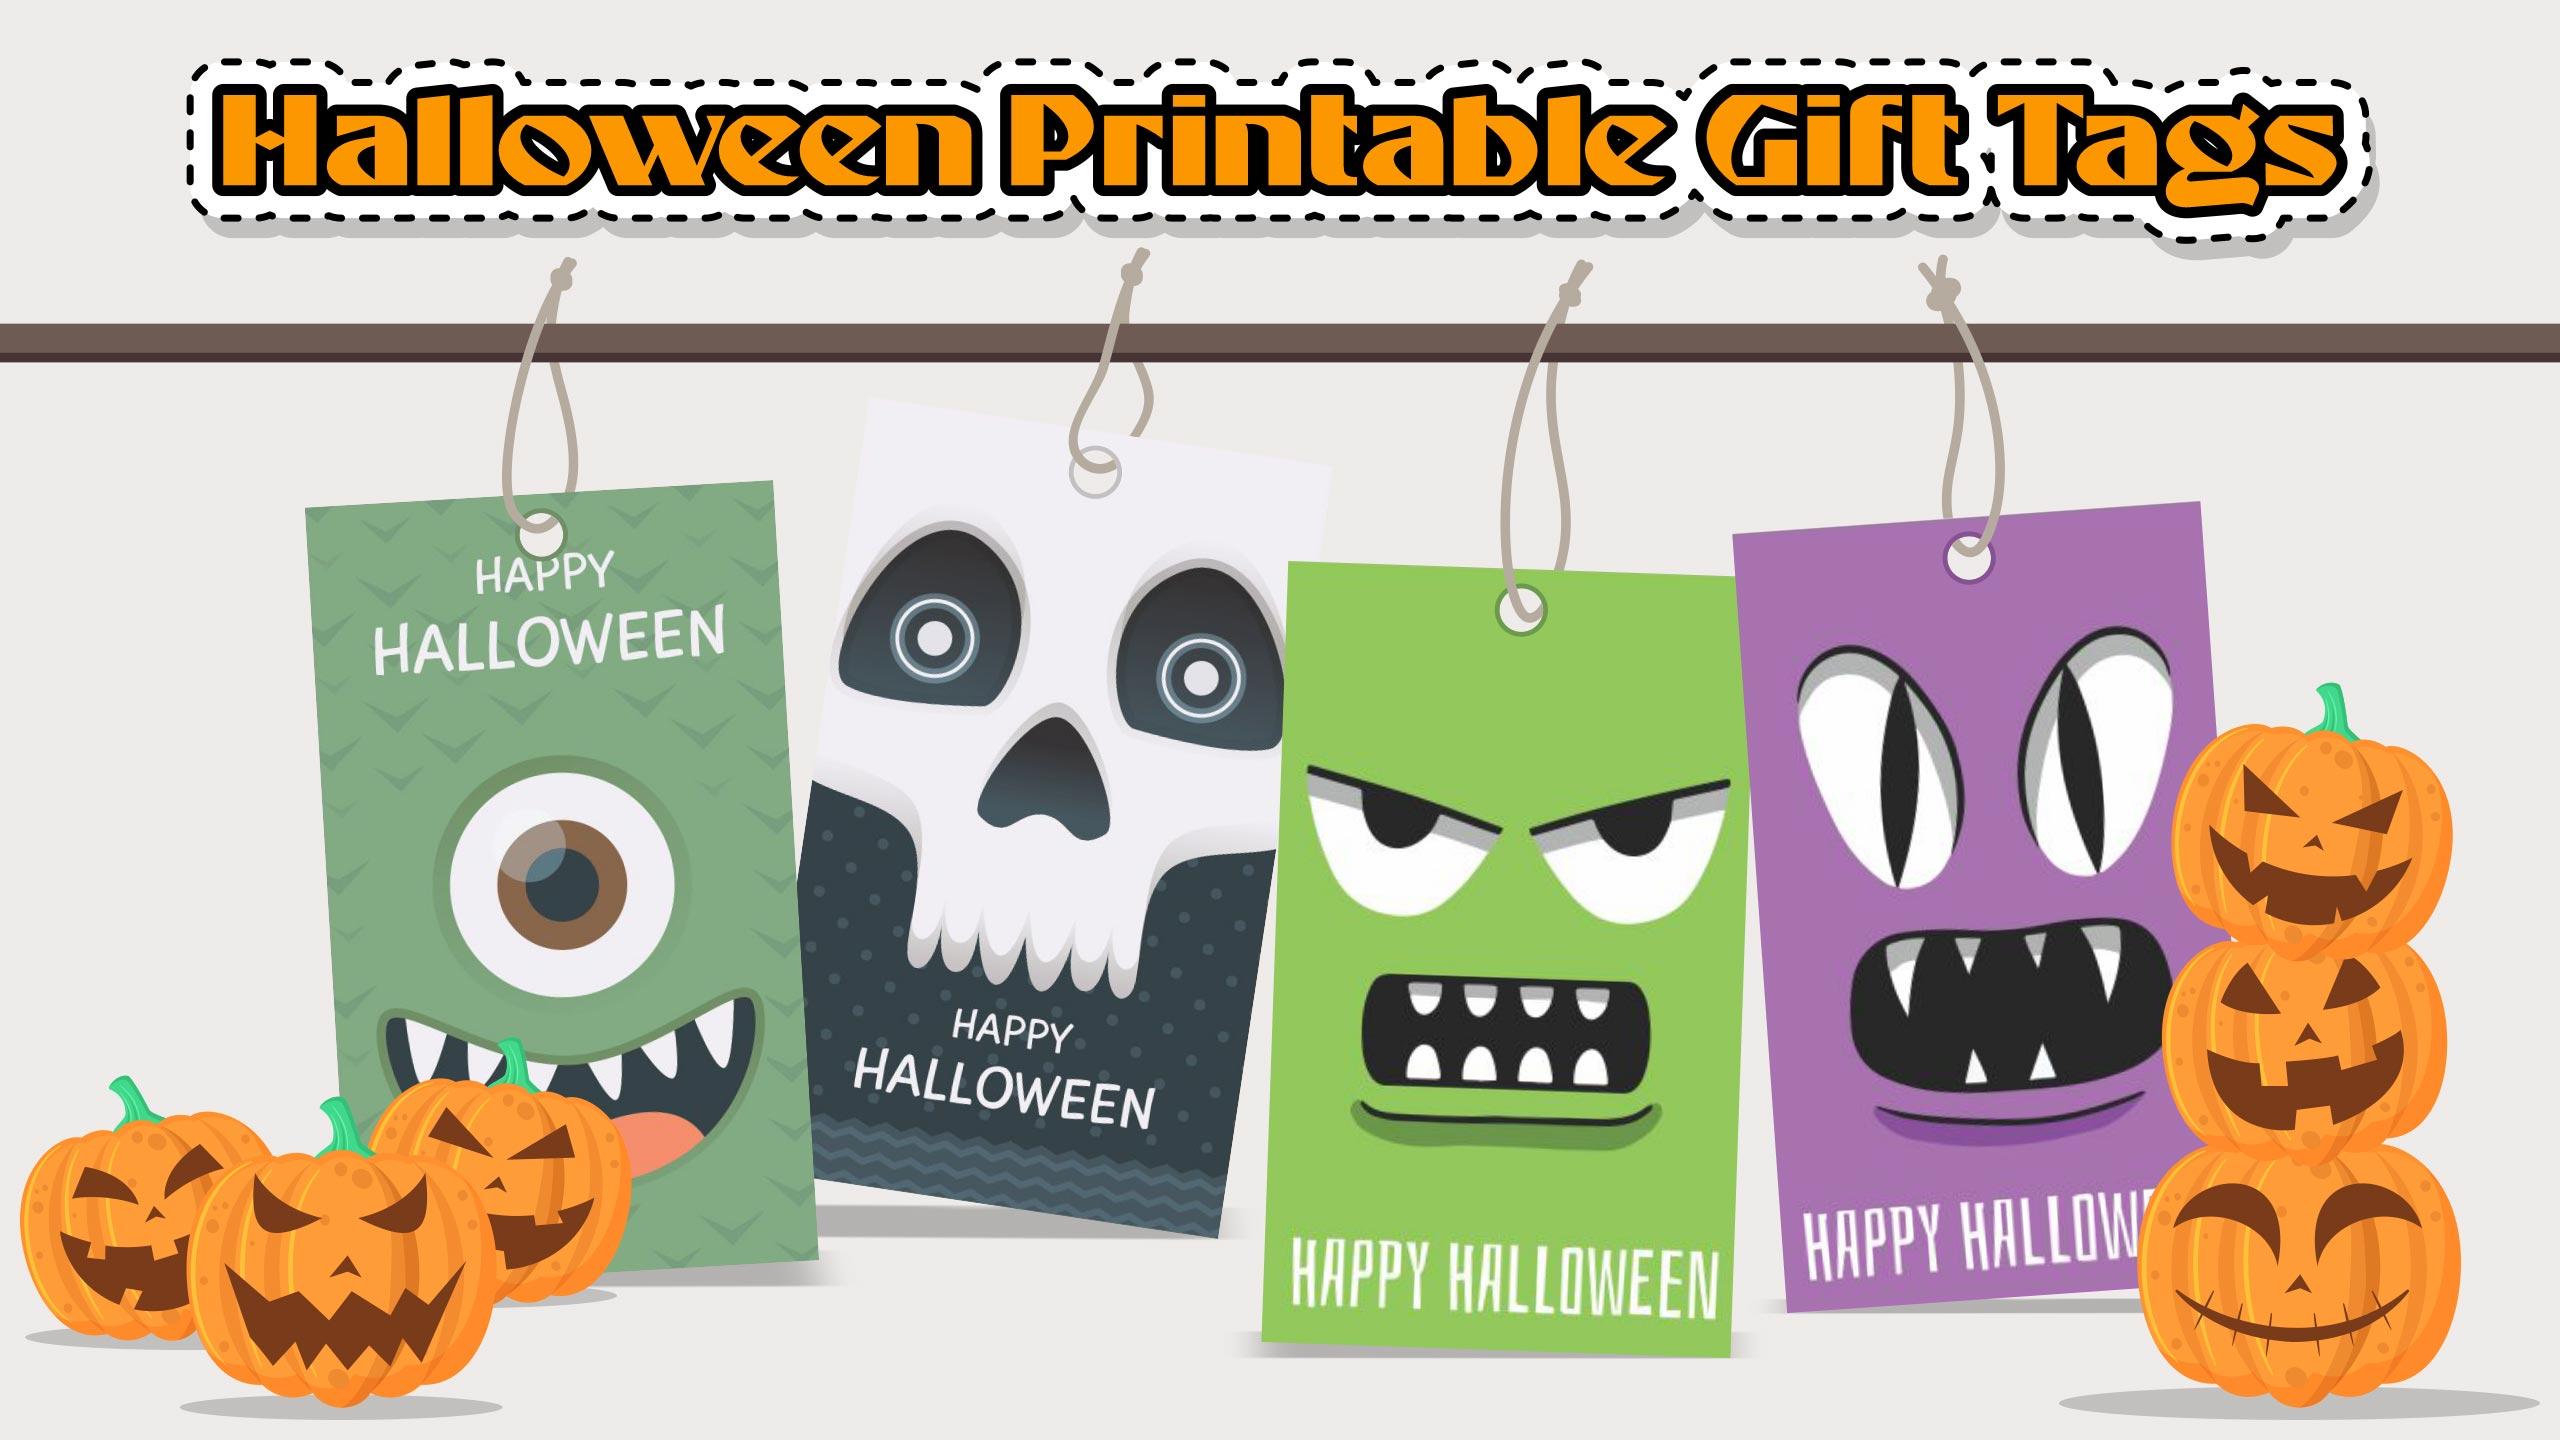 Halloween Printable Gift Tags